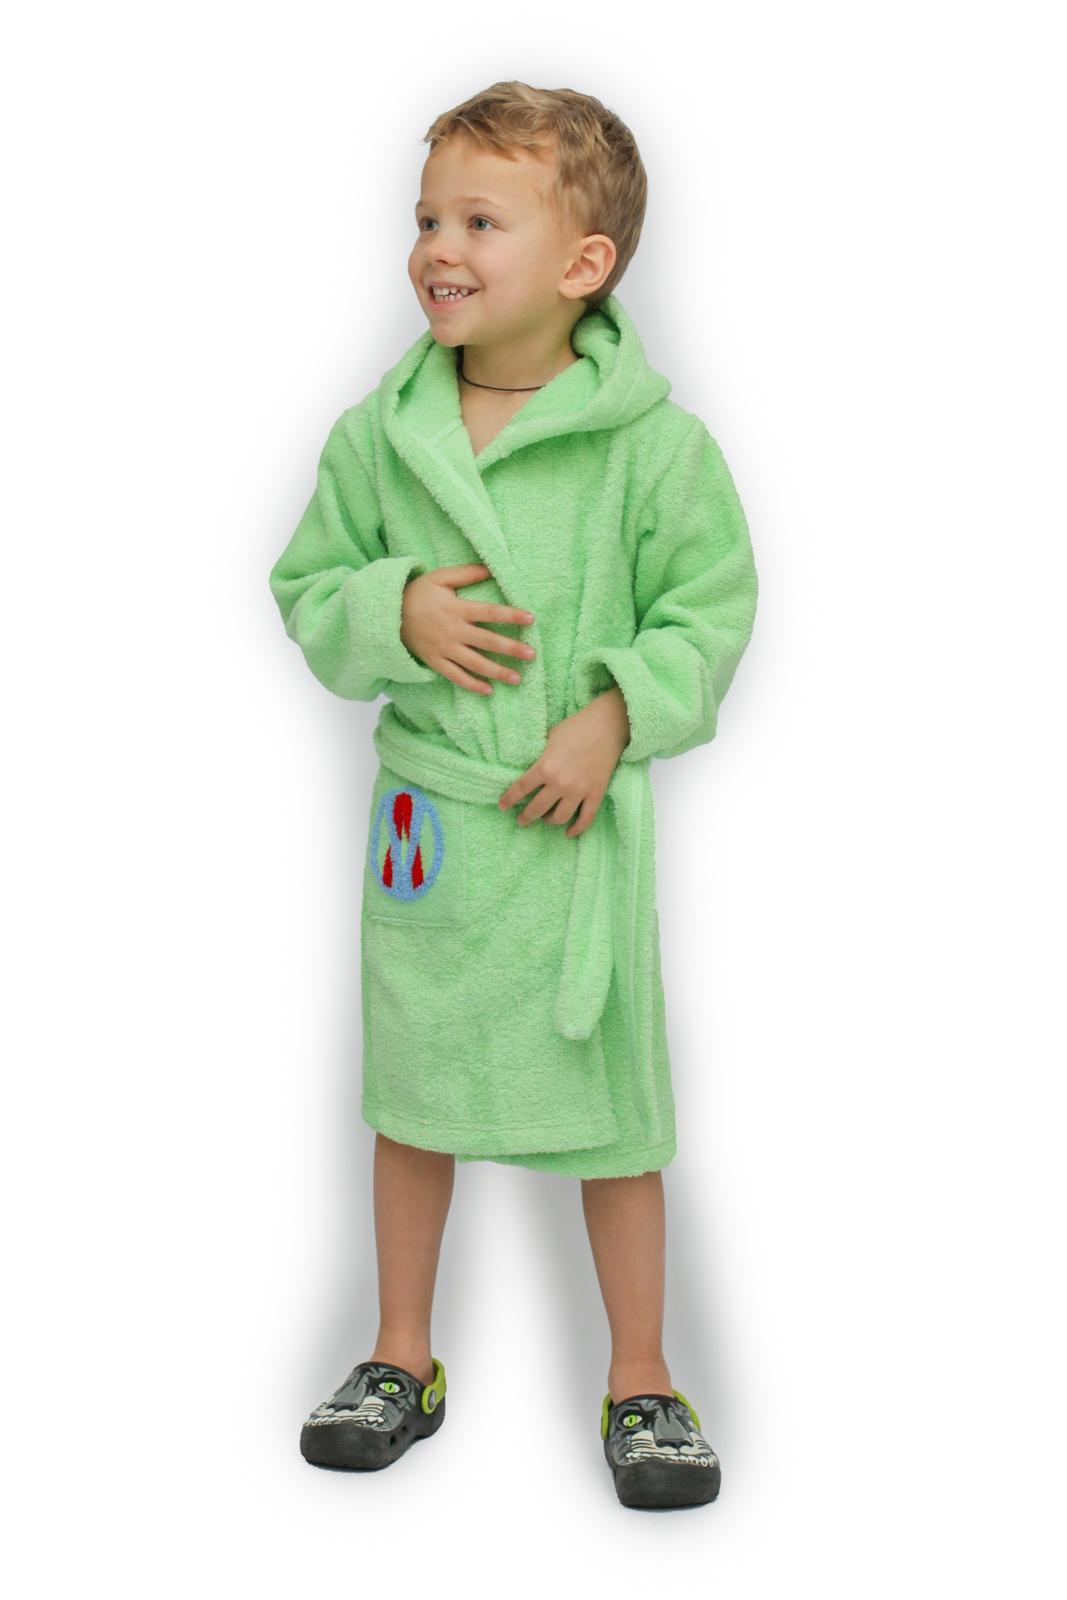 603001, Халат детский махровый от магазина Lemive